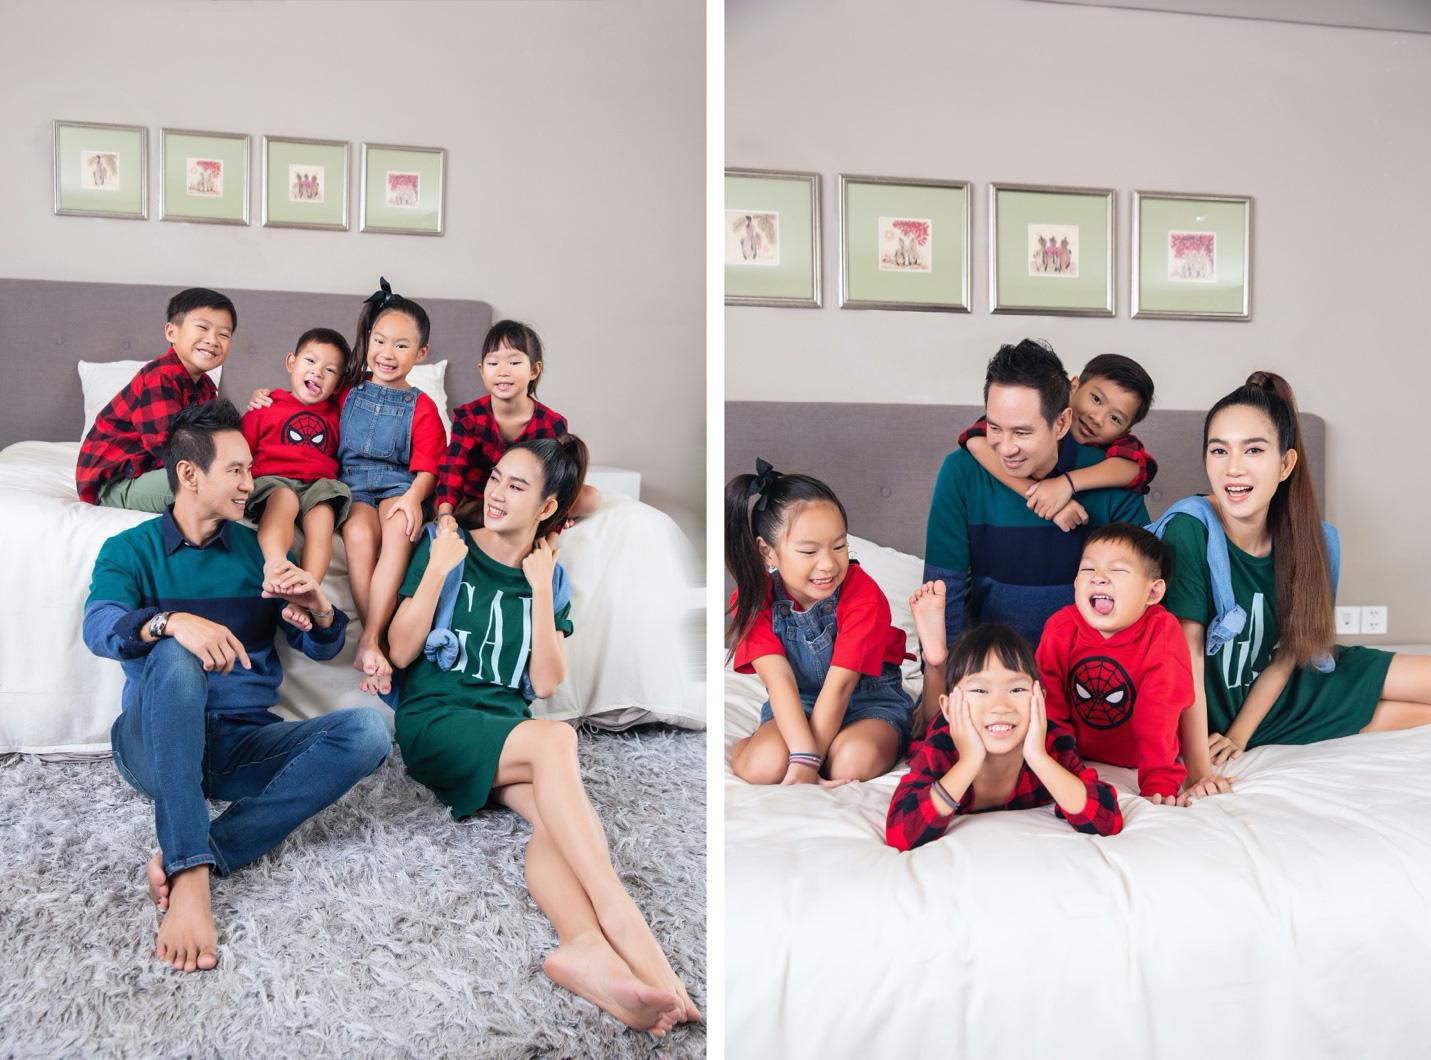 Vợ chồng Lý Hải - Minh Hà cùng 4 nhóc tì xuất hiện như fashionista trong BST Holiday của GAP - Ảnh 1.